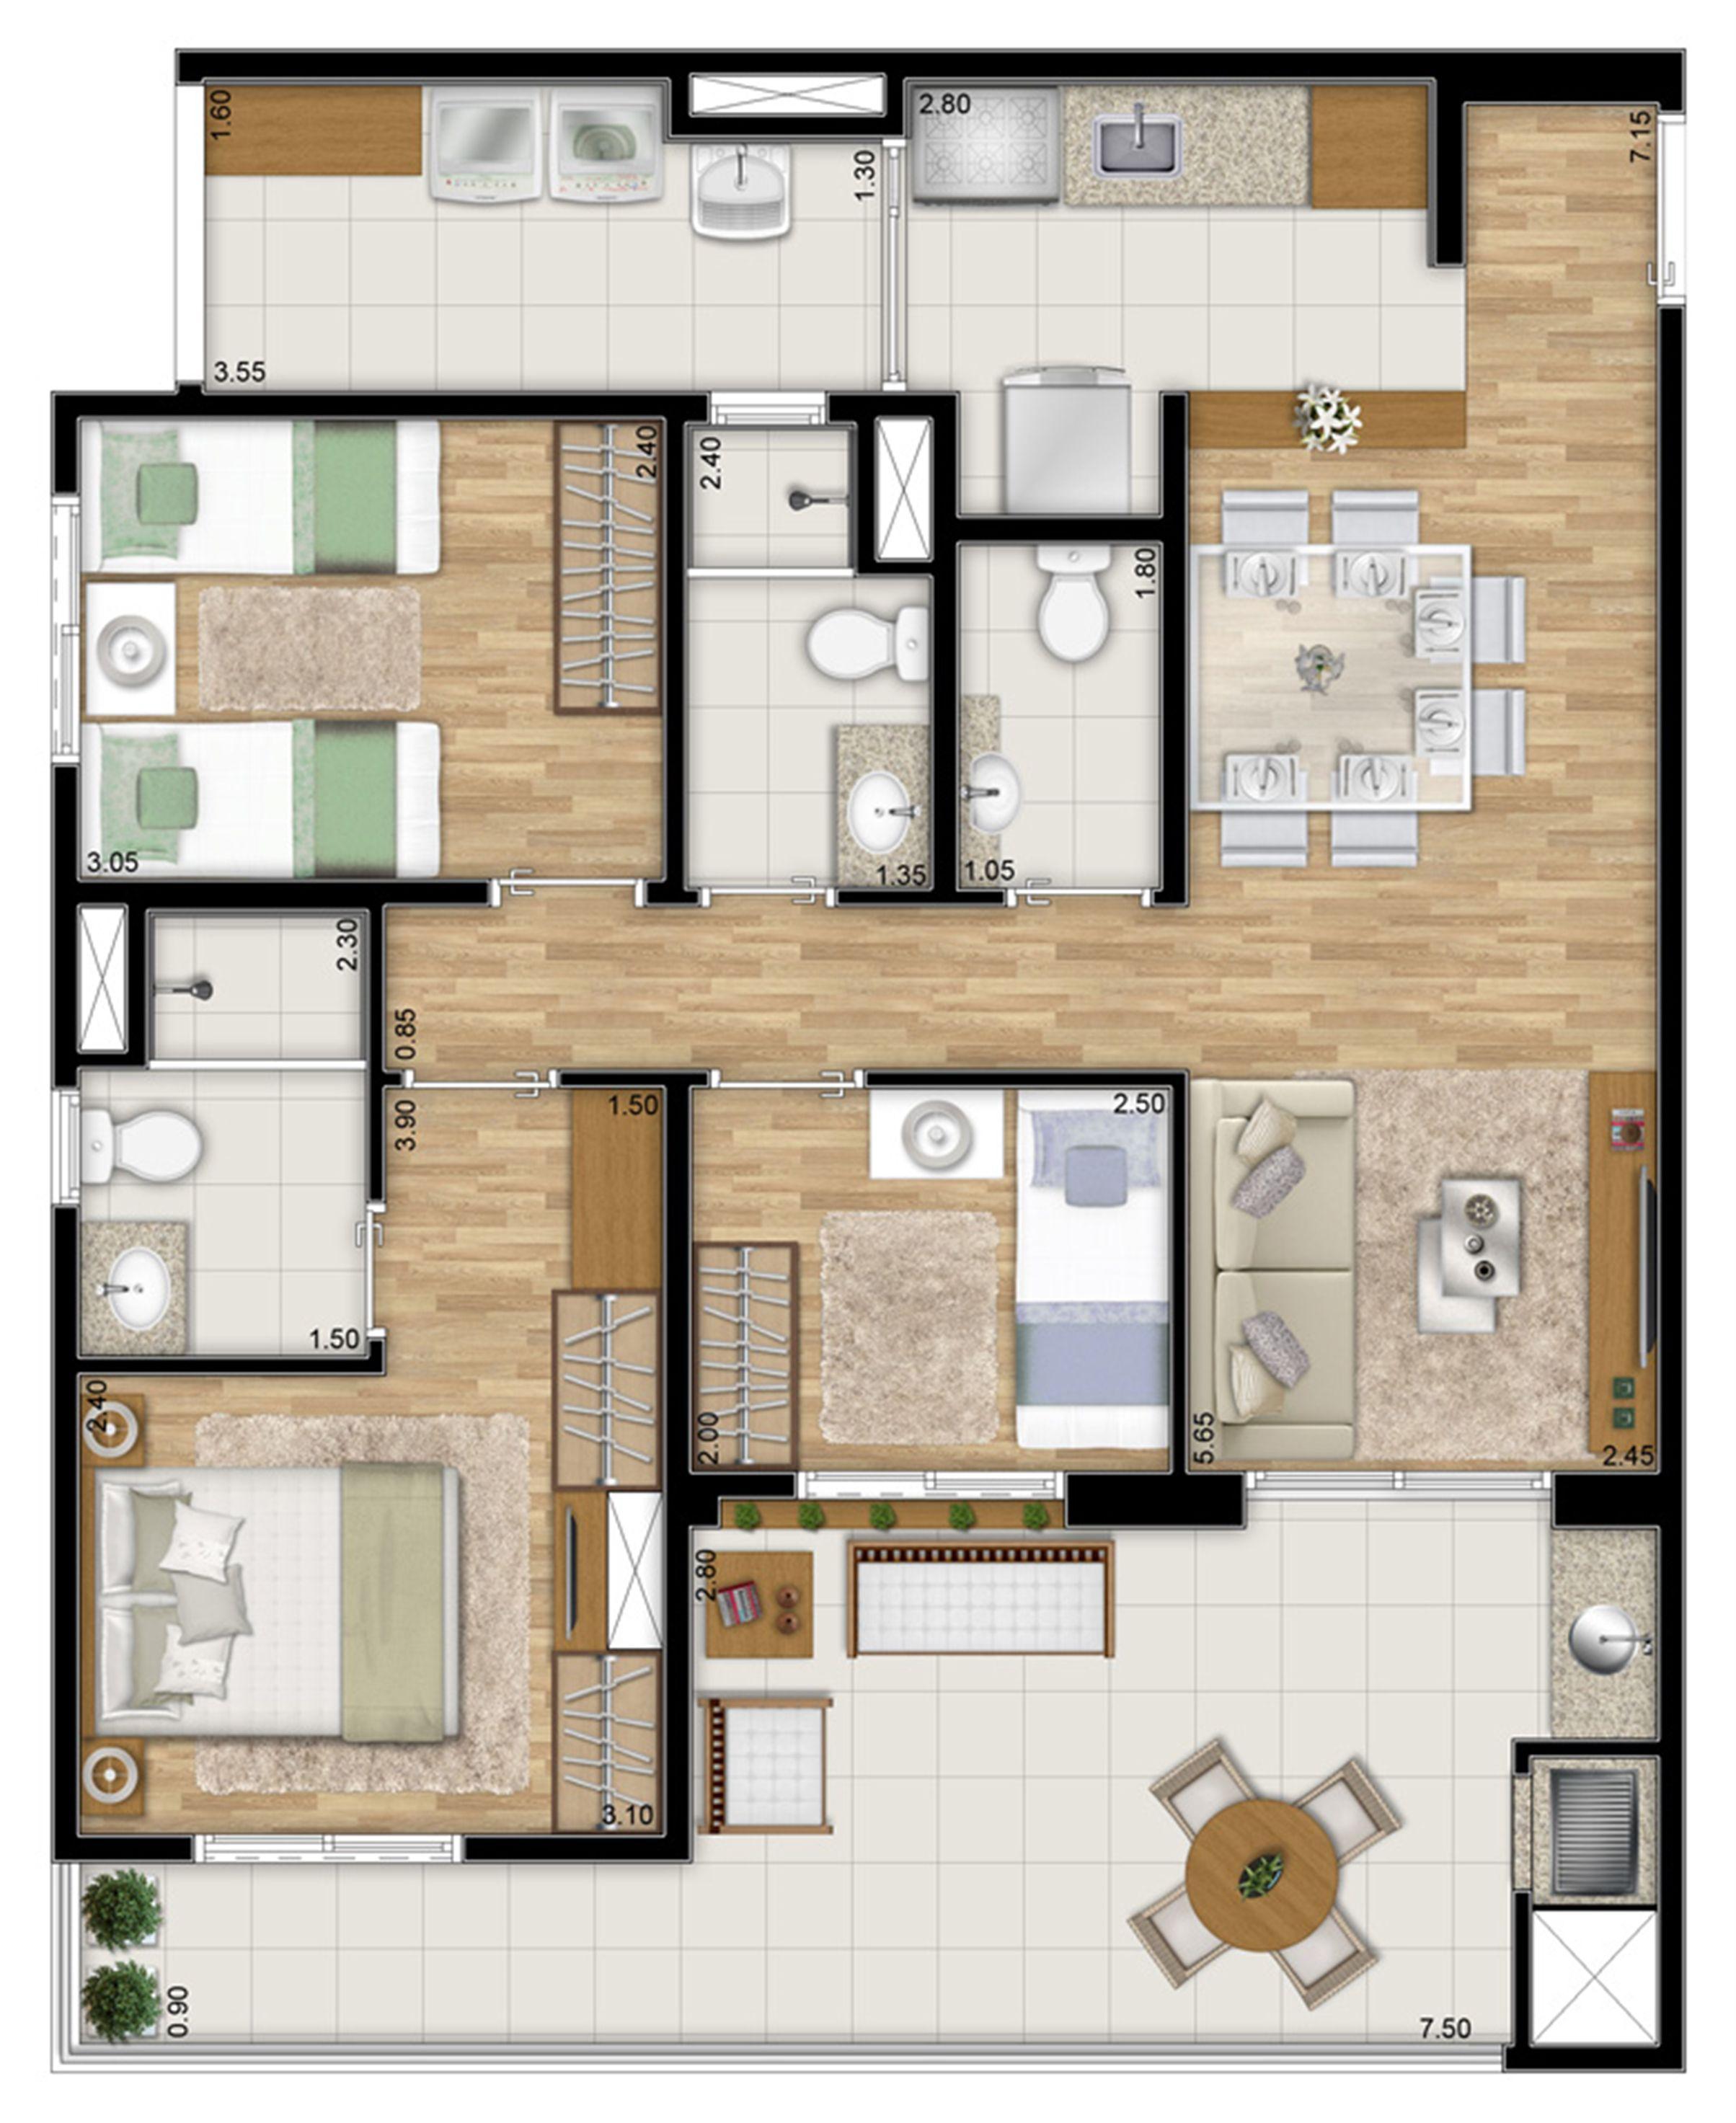 Planta tipo do apartamento de 87 m² privativos - 3 dorms. c 1 suíte | Varanda Ipiranga – Apartamento no  Ipiranga - São Paulo - São Paulo